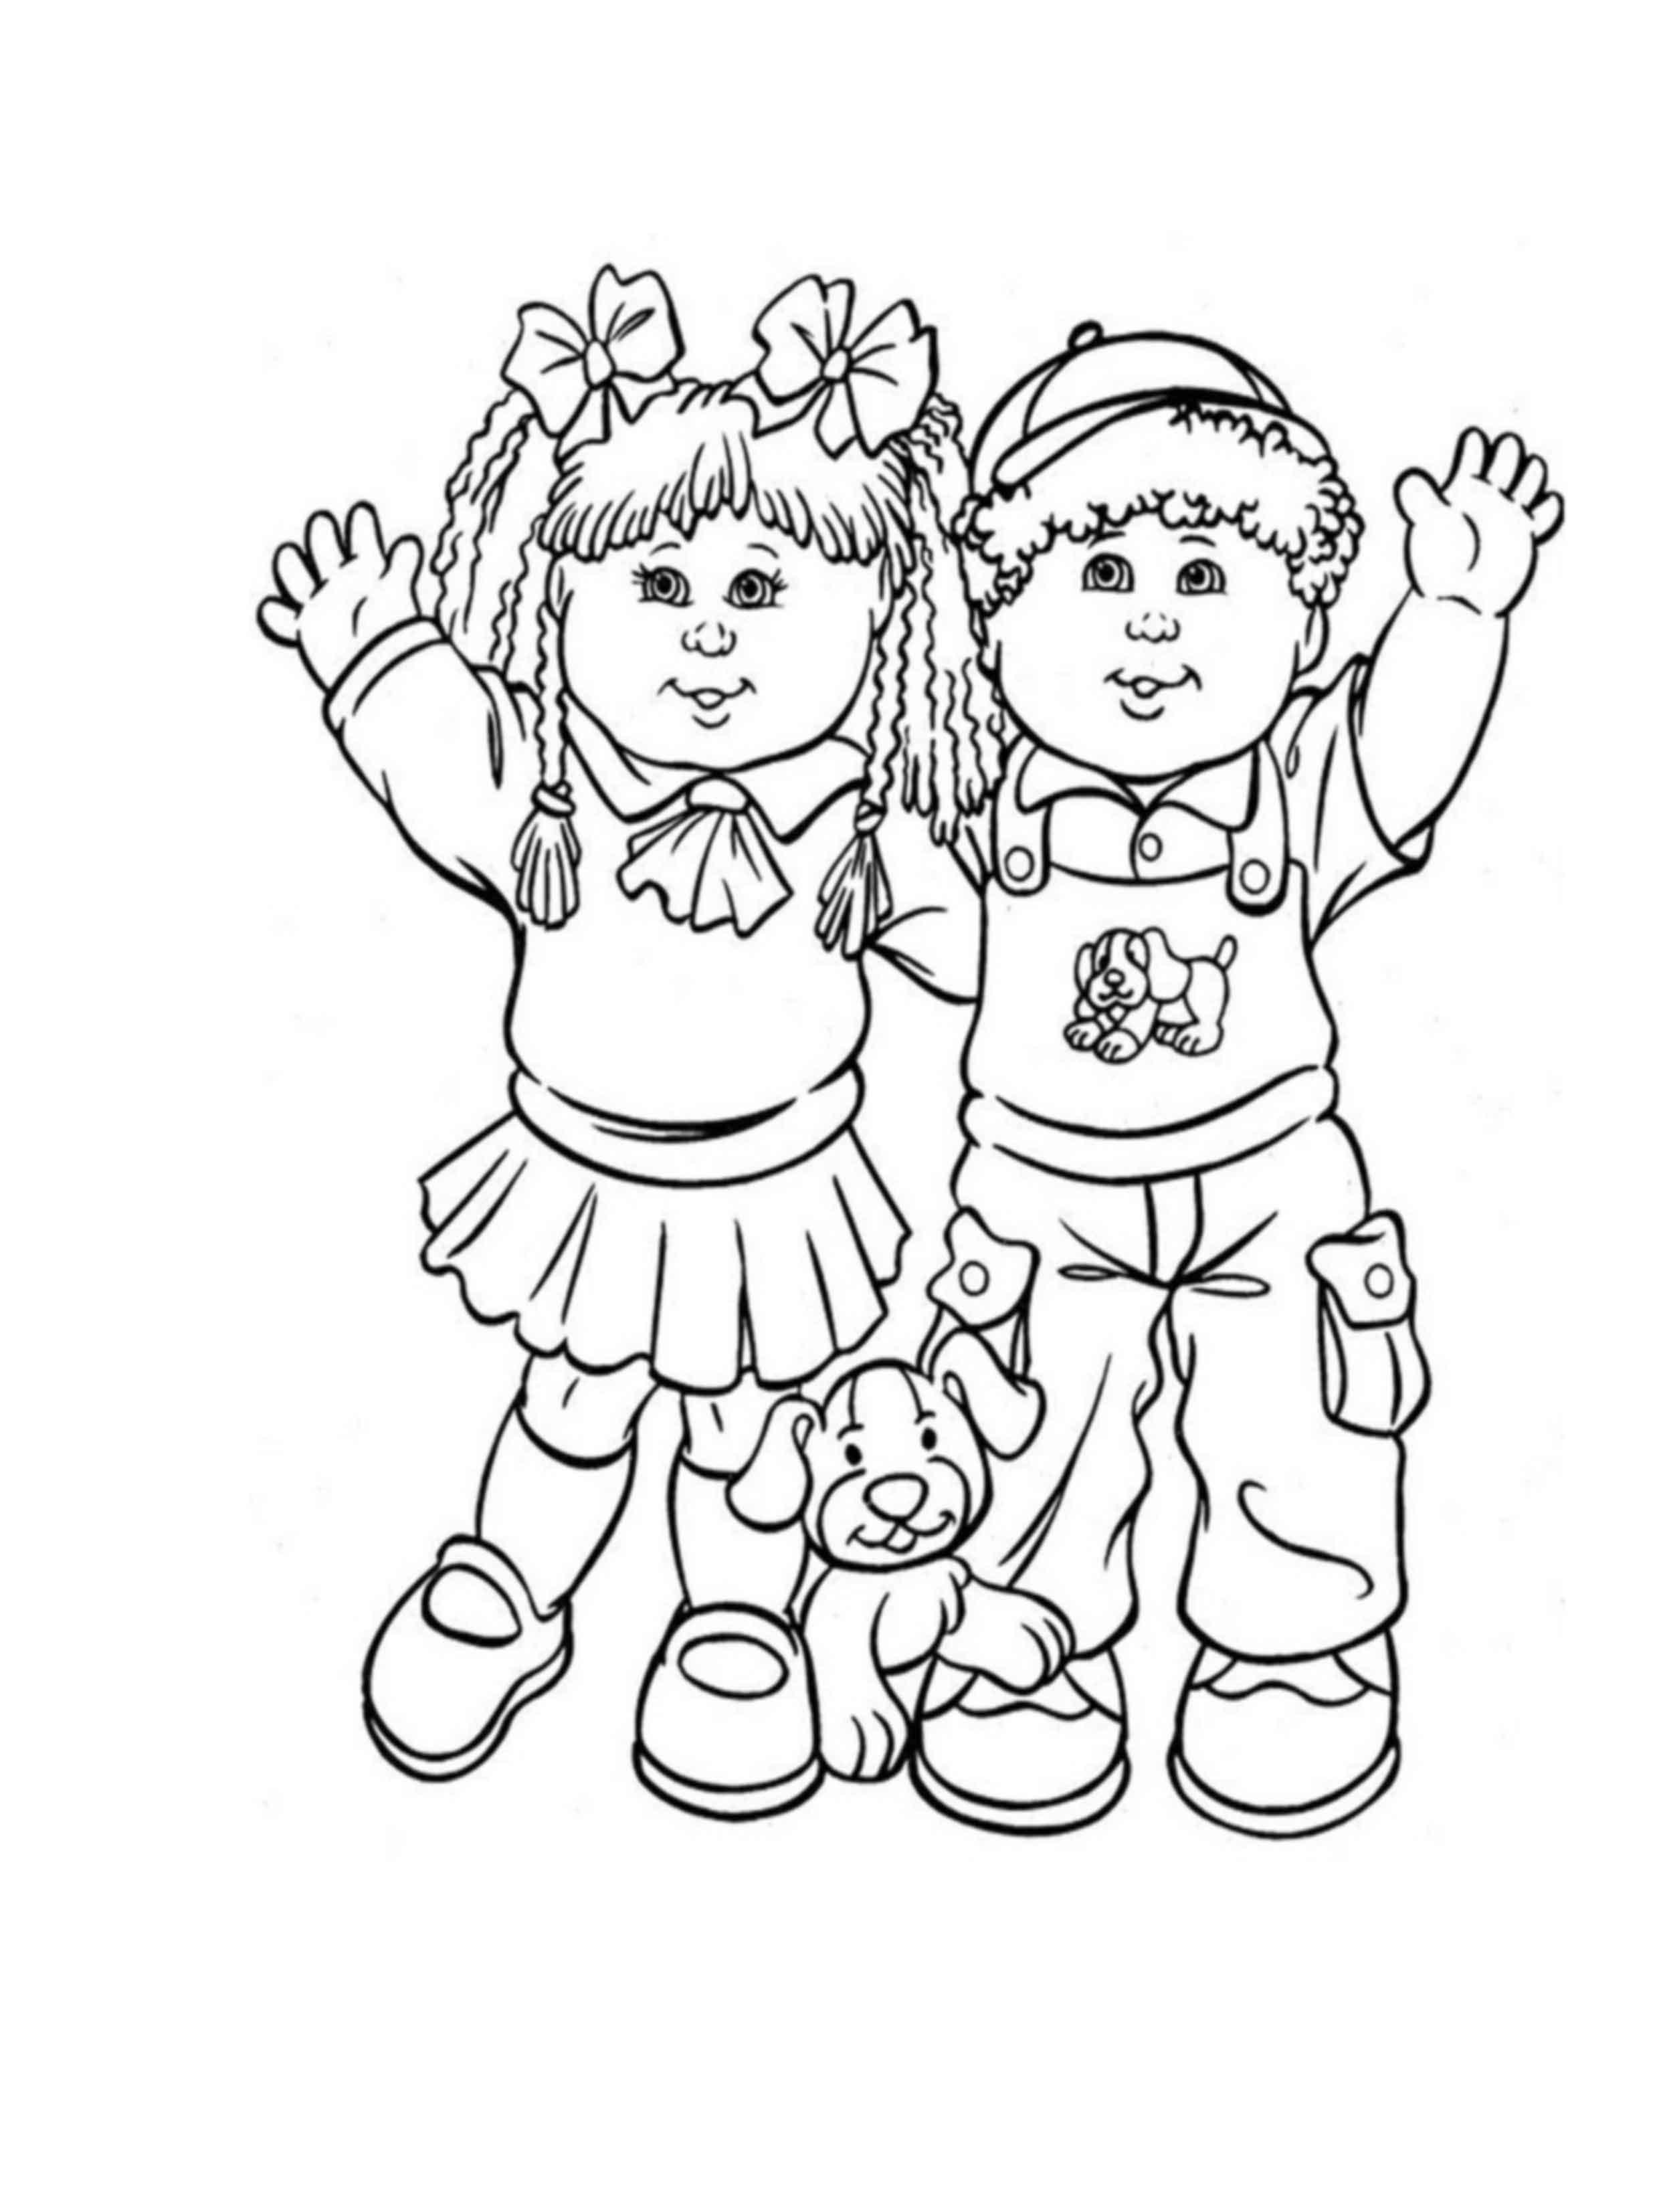 דף צביעה של ילד וילדה